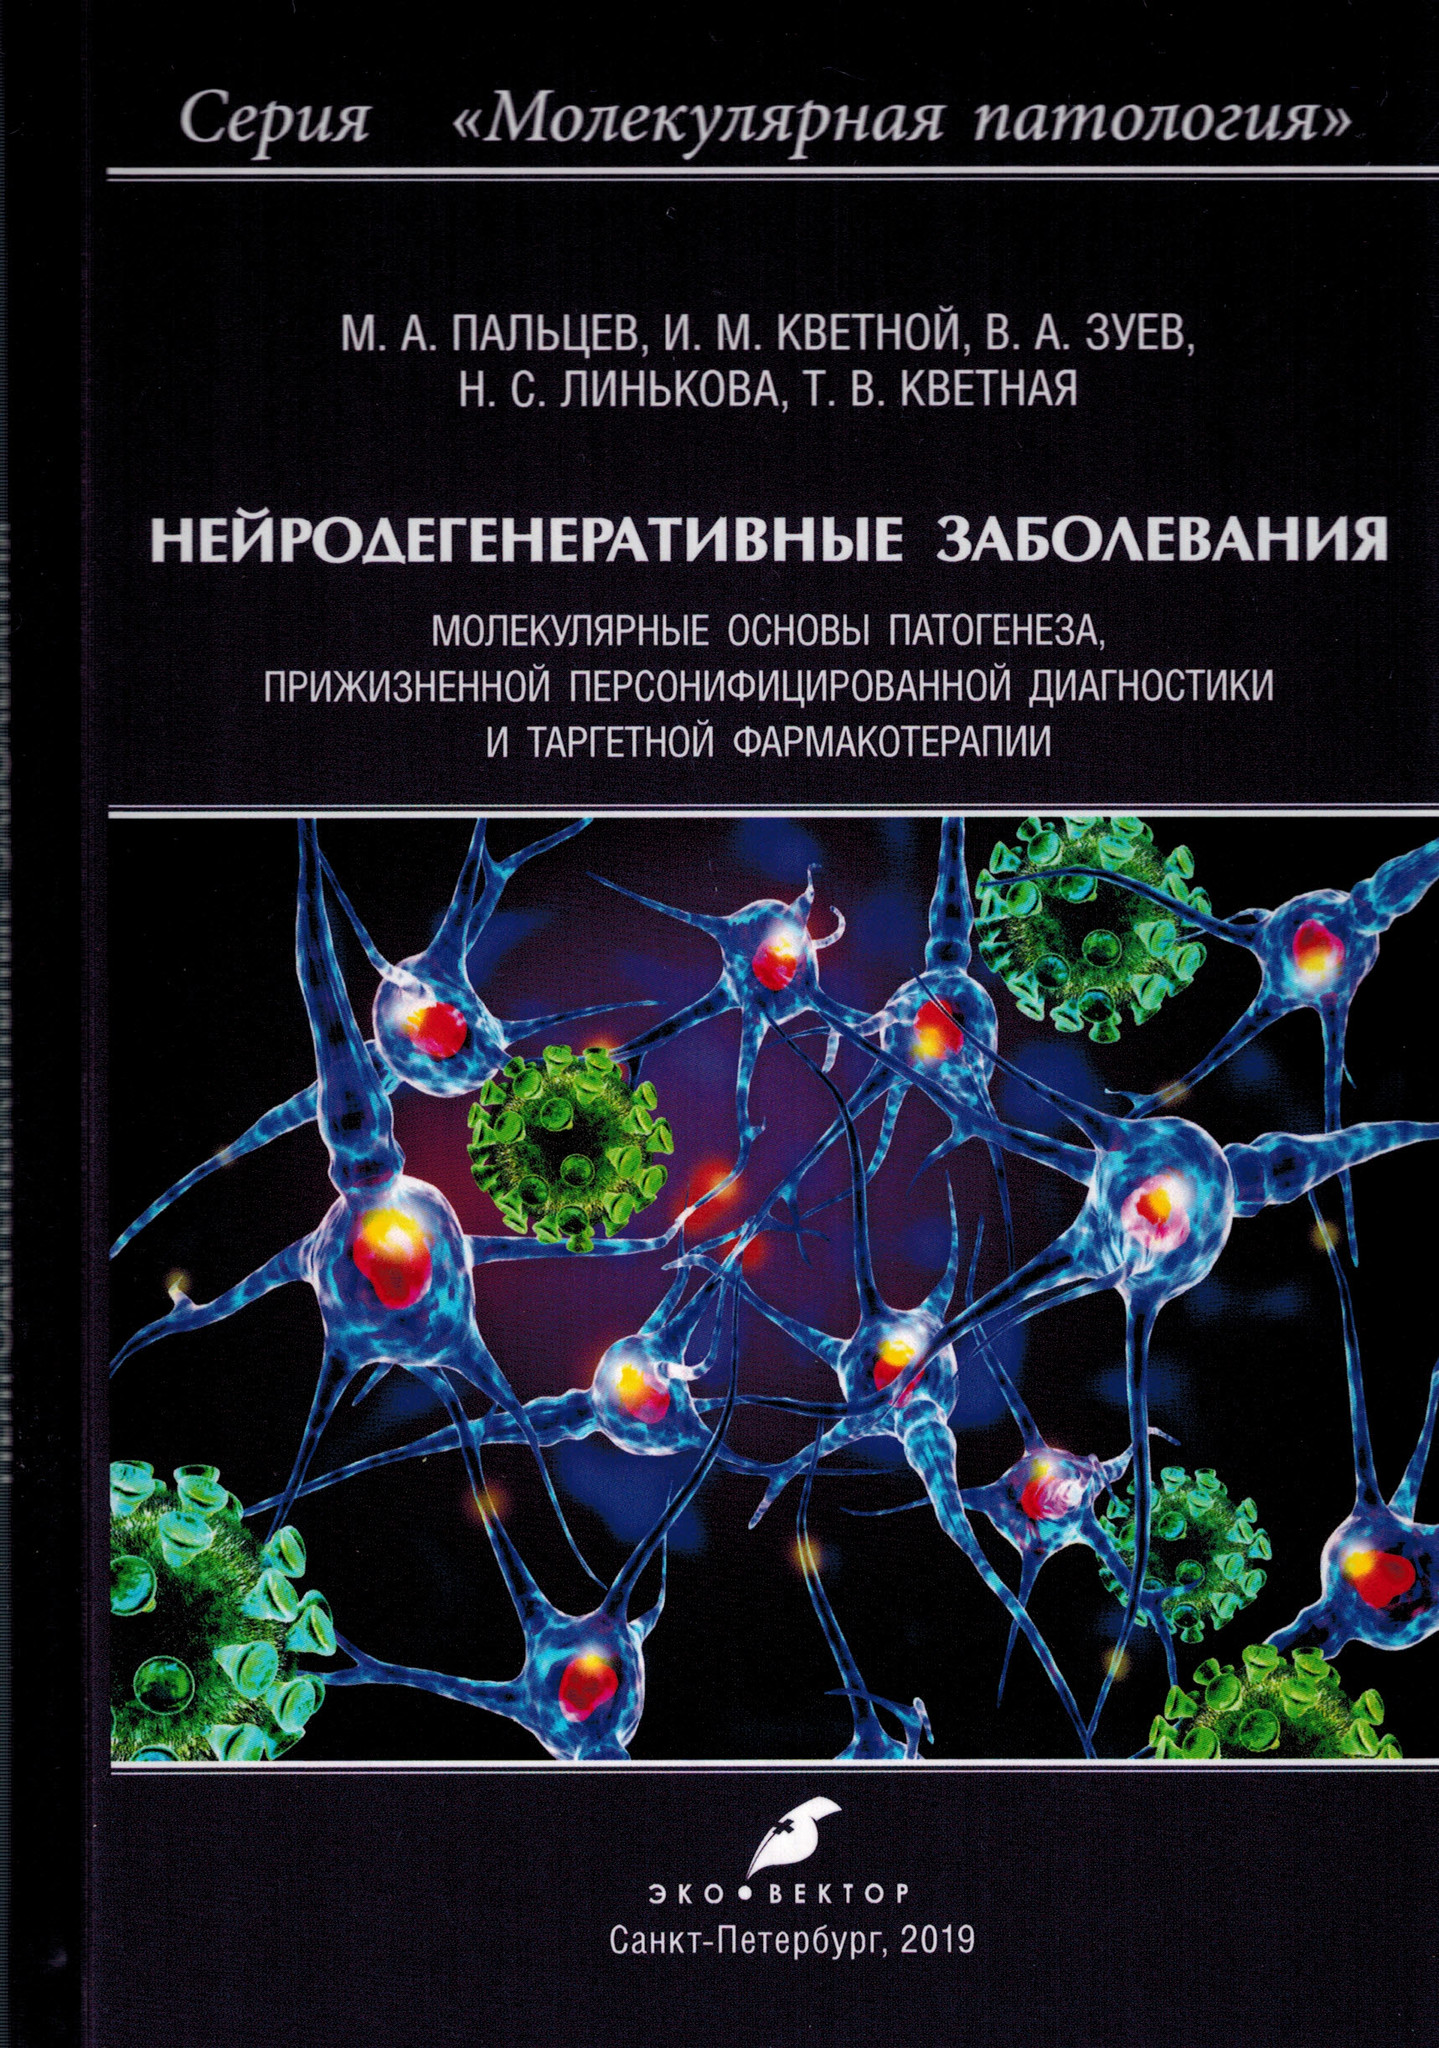 Новинки Нейродегенеративные заболевания.Молекулярные основы патогенеза nz.jpg